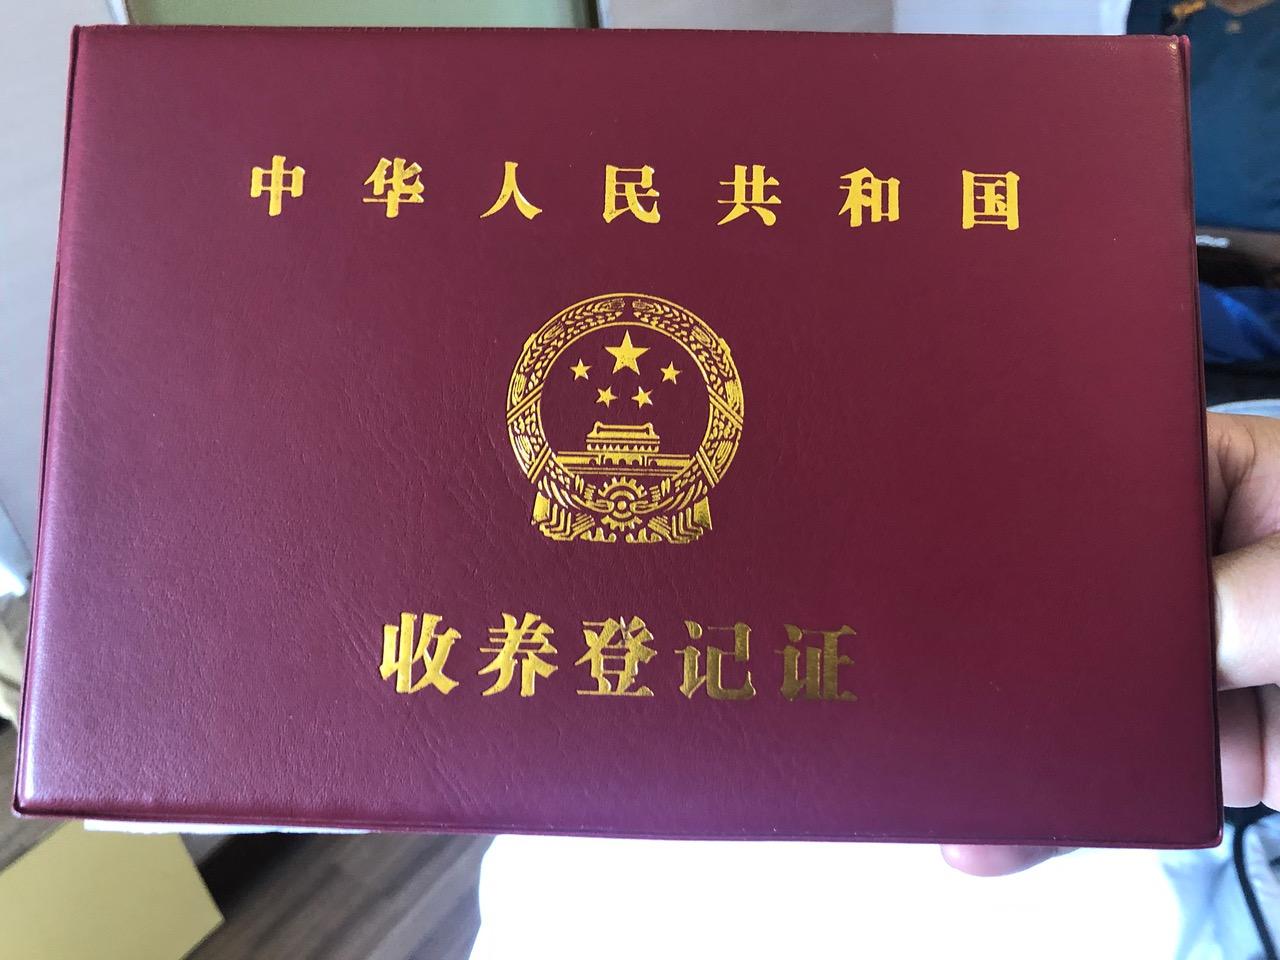 廖强夫妻出示合法收养小文的文件。(记者夏小华摄)